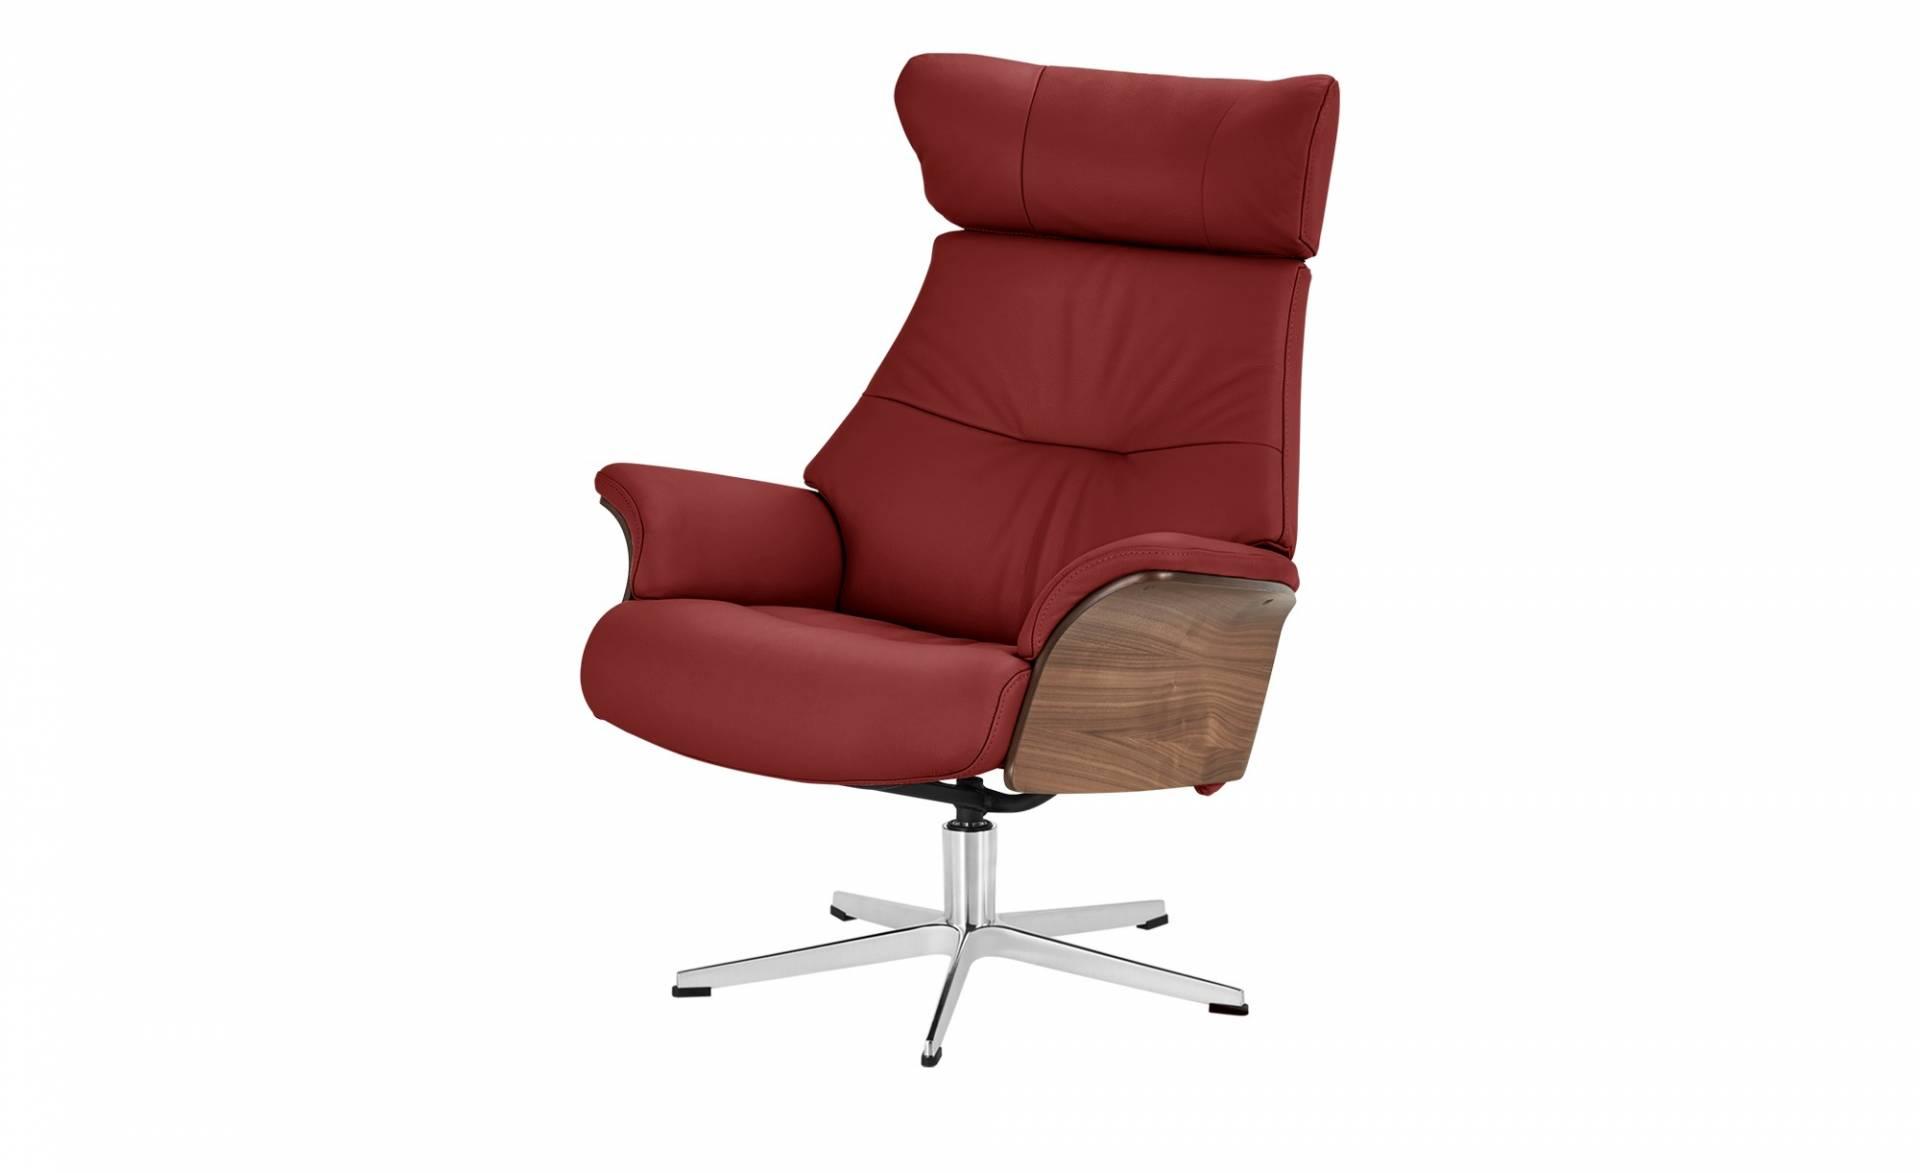 rot fernsehsessel und weitere sessel g nstig online kaufen bei m bel garten. Black Bedroom Furniture Sets. Home Design Ideas